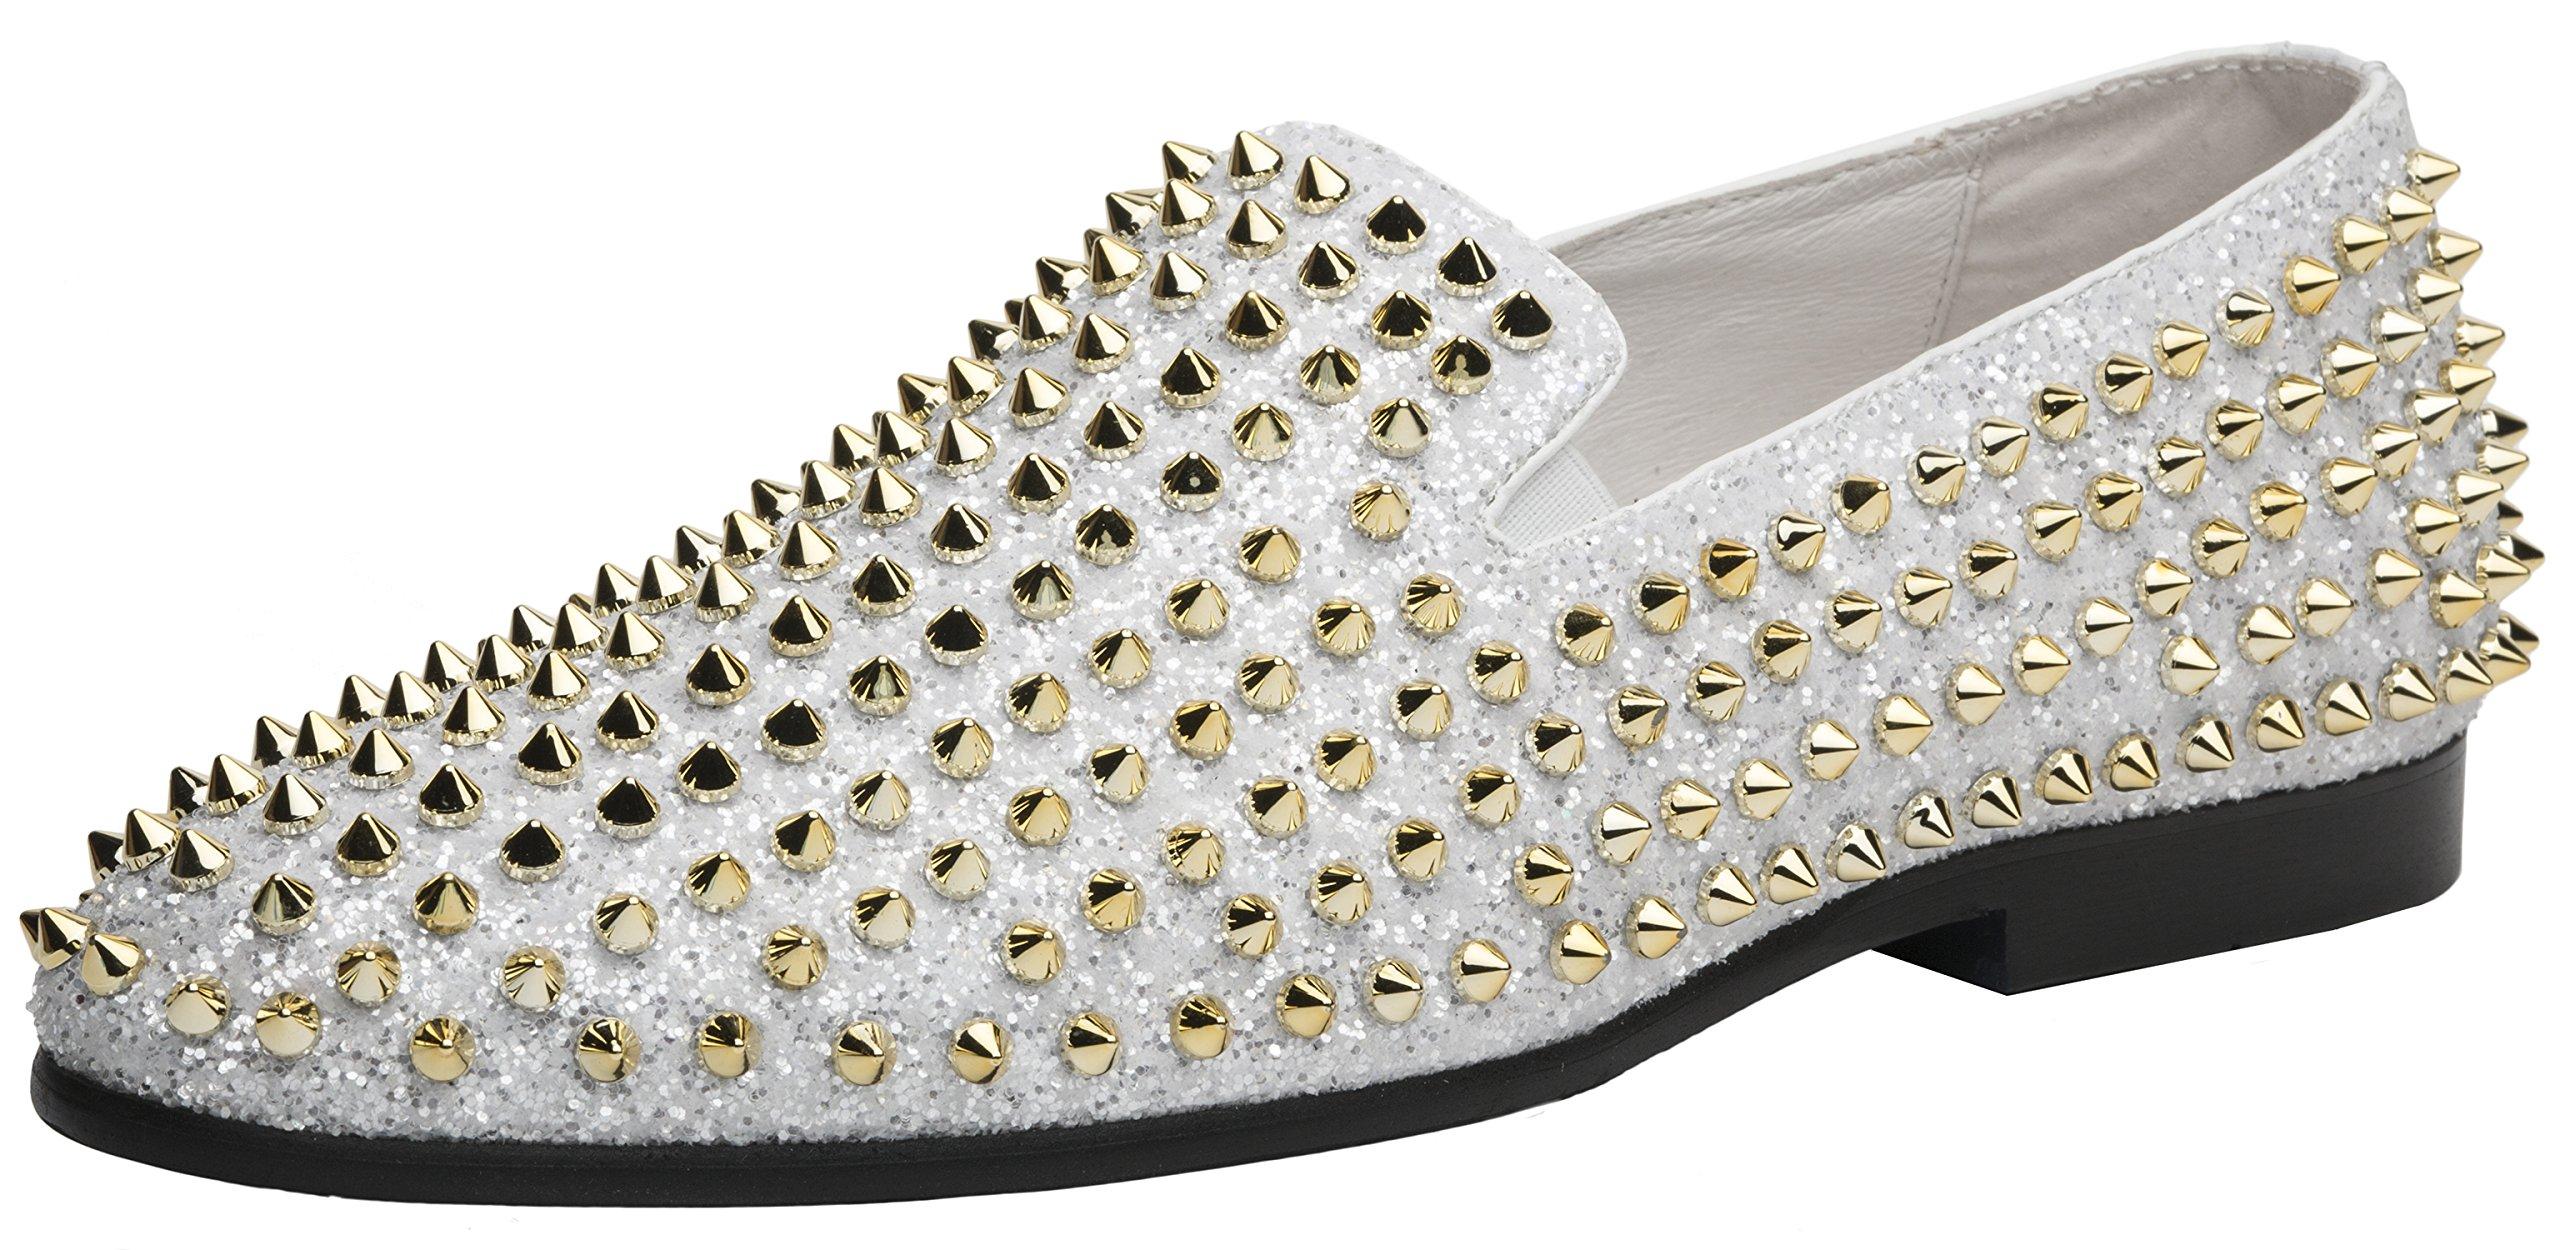 JUMP NEWYORK Men's Luxor Smoking Slipper Dress Shoe White Gold 12 D US